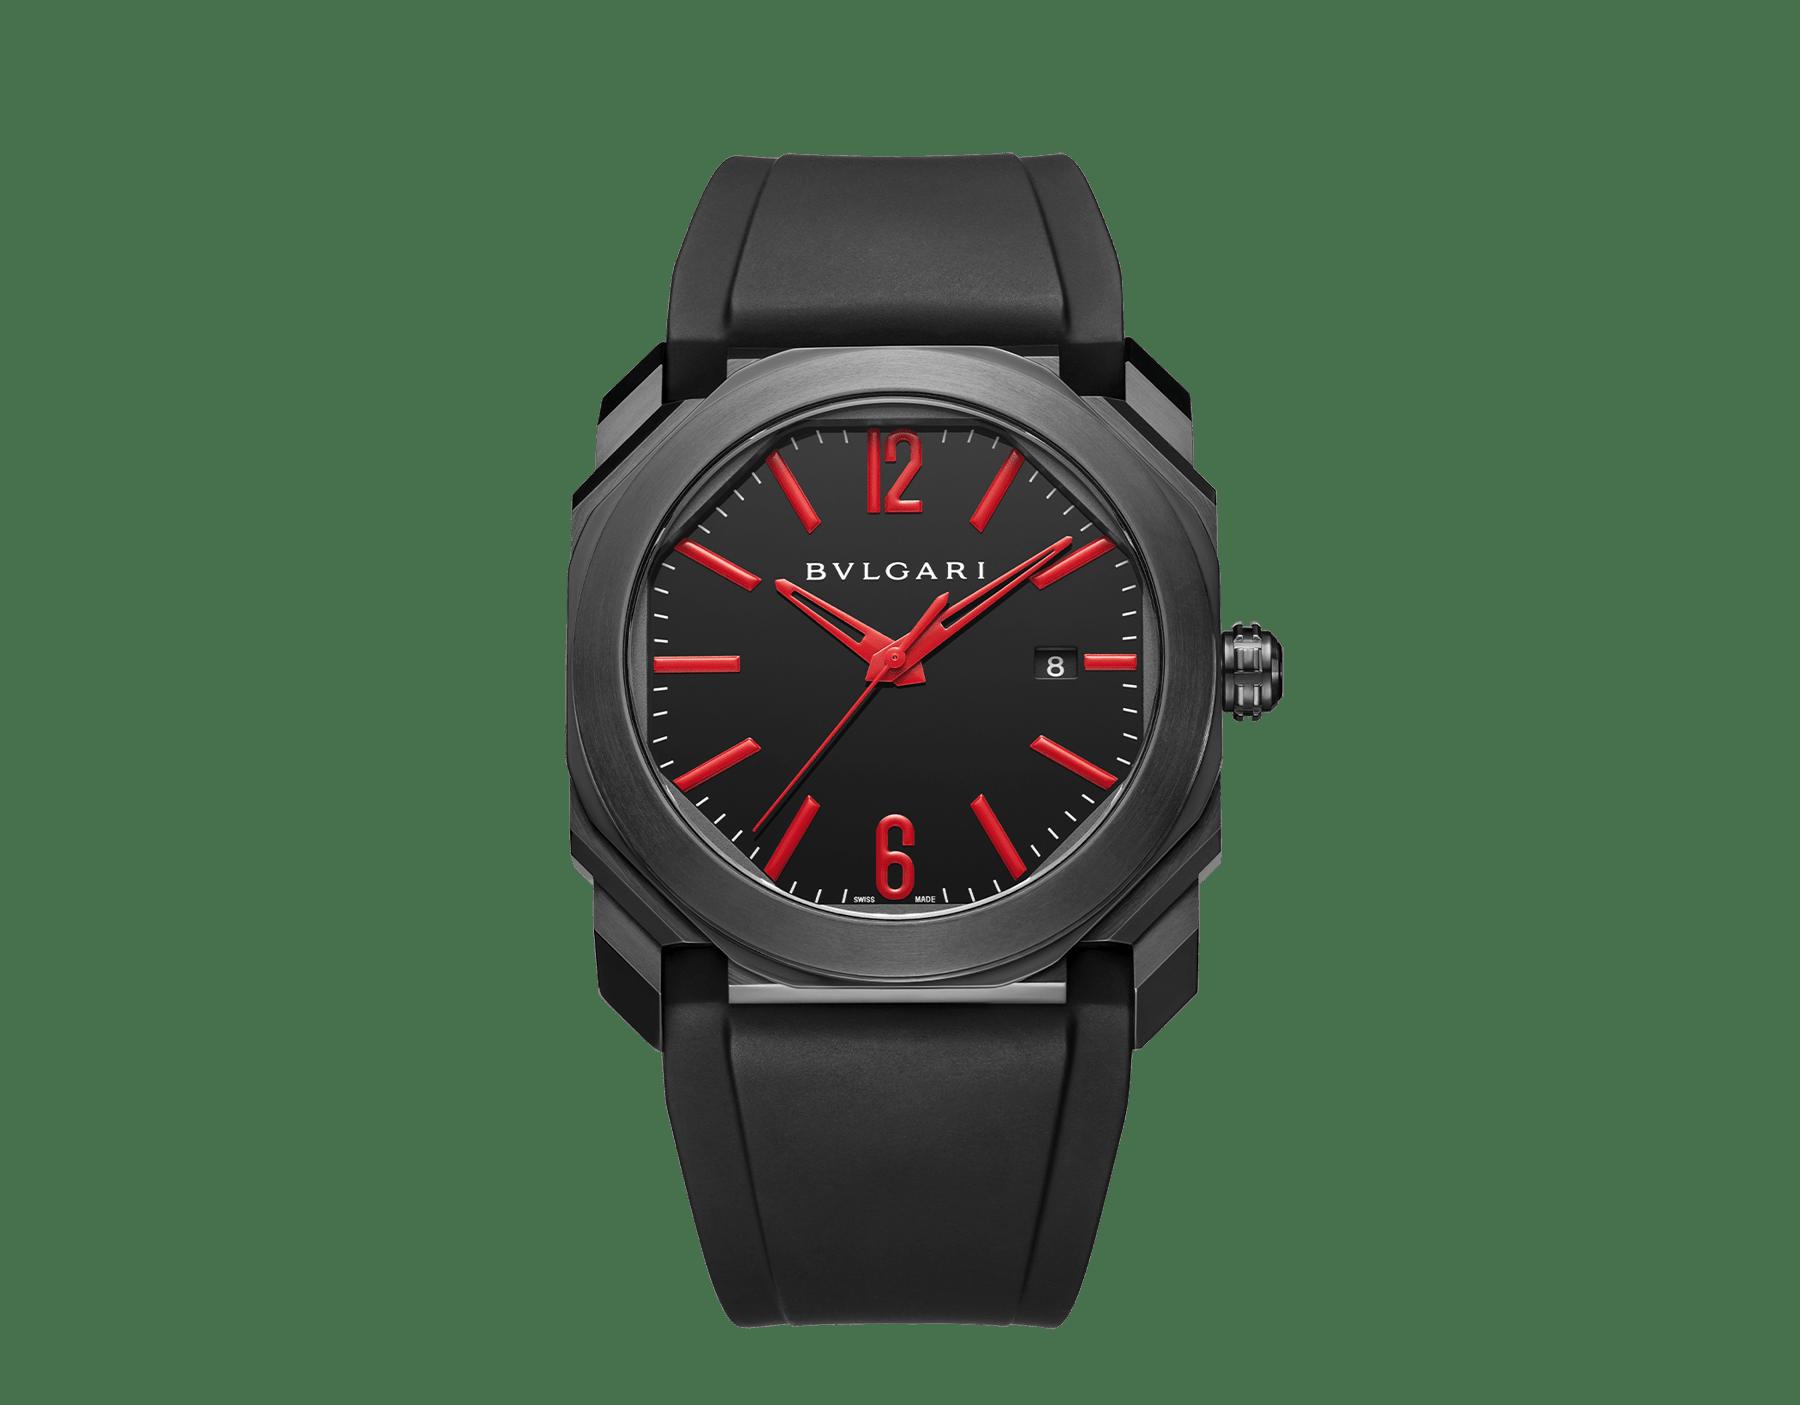 Relógio Octo com movimento de manufatura mecânico, corda automática e data, caixa em aço inoxidável com tratamento em carbono tipo diamante (DLC) preto, mostrador preto laqueado e pulseira em borracha preta. 102738 image 1